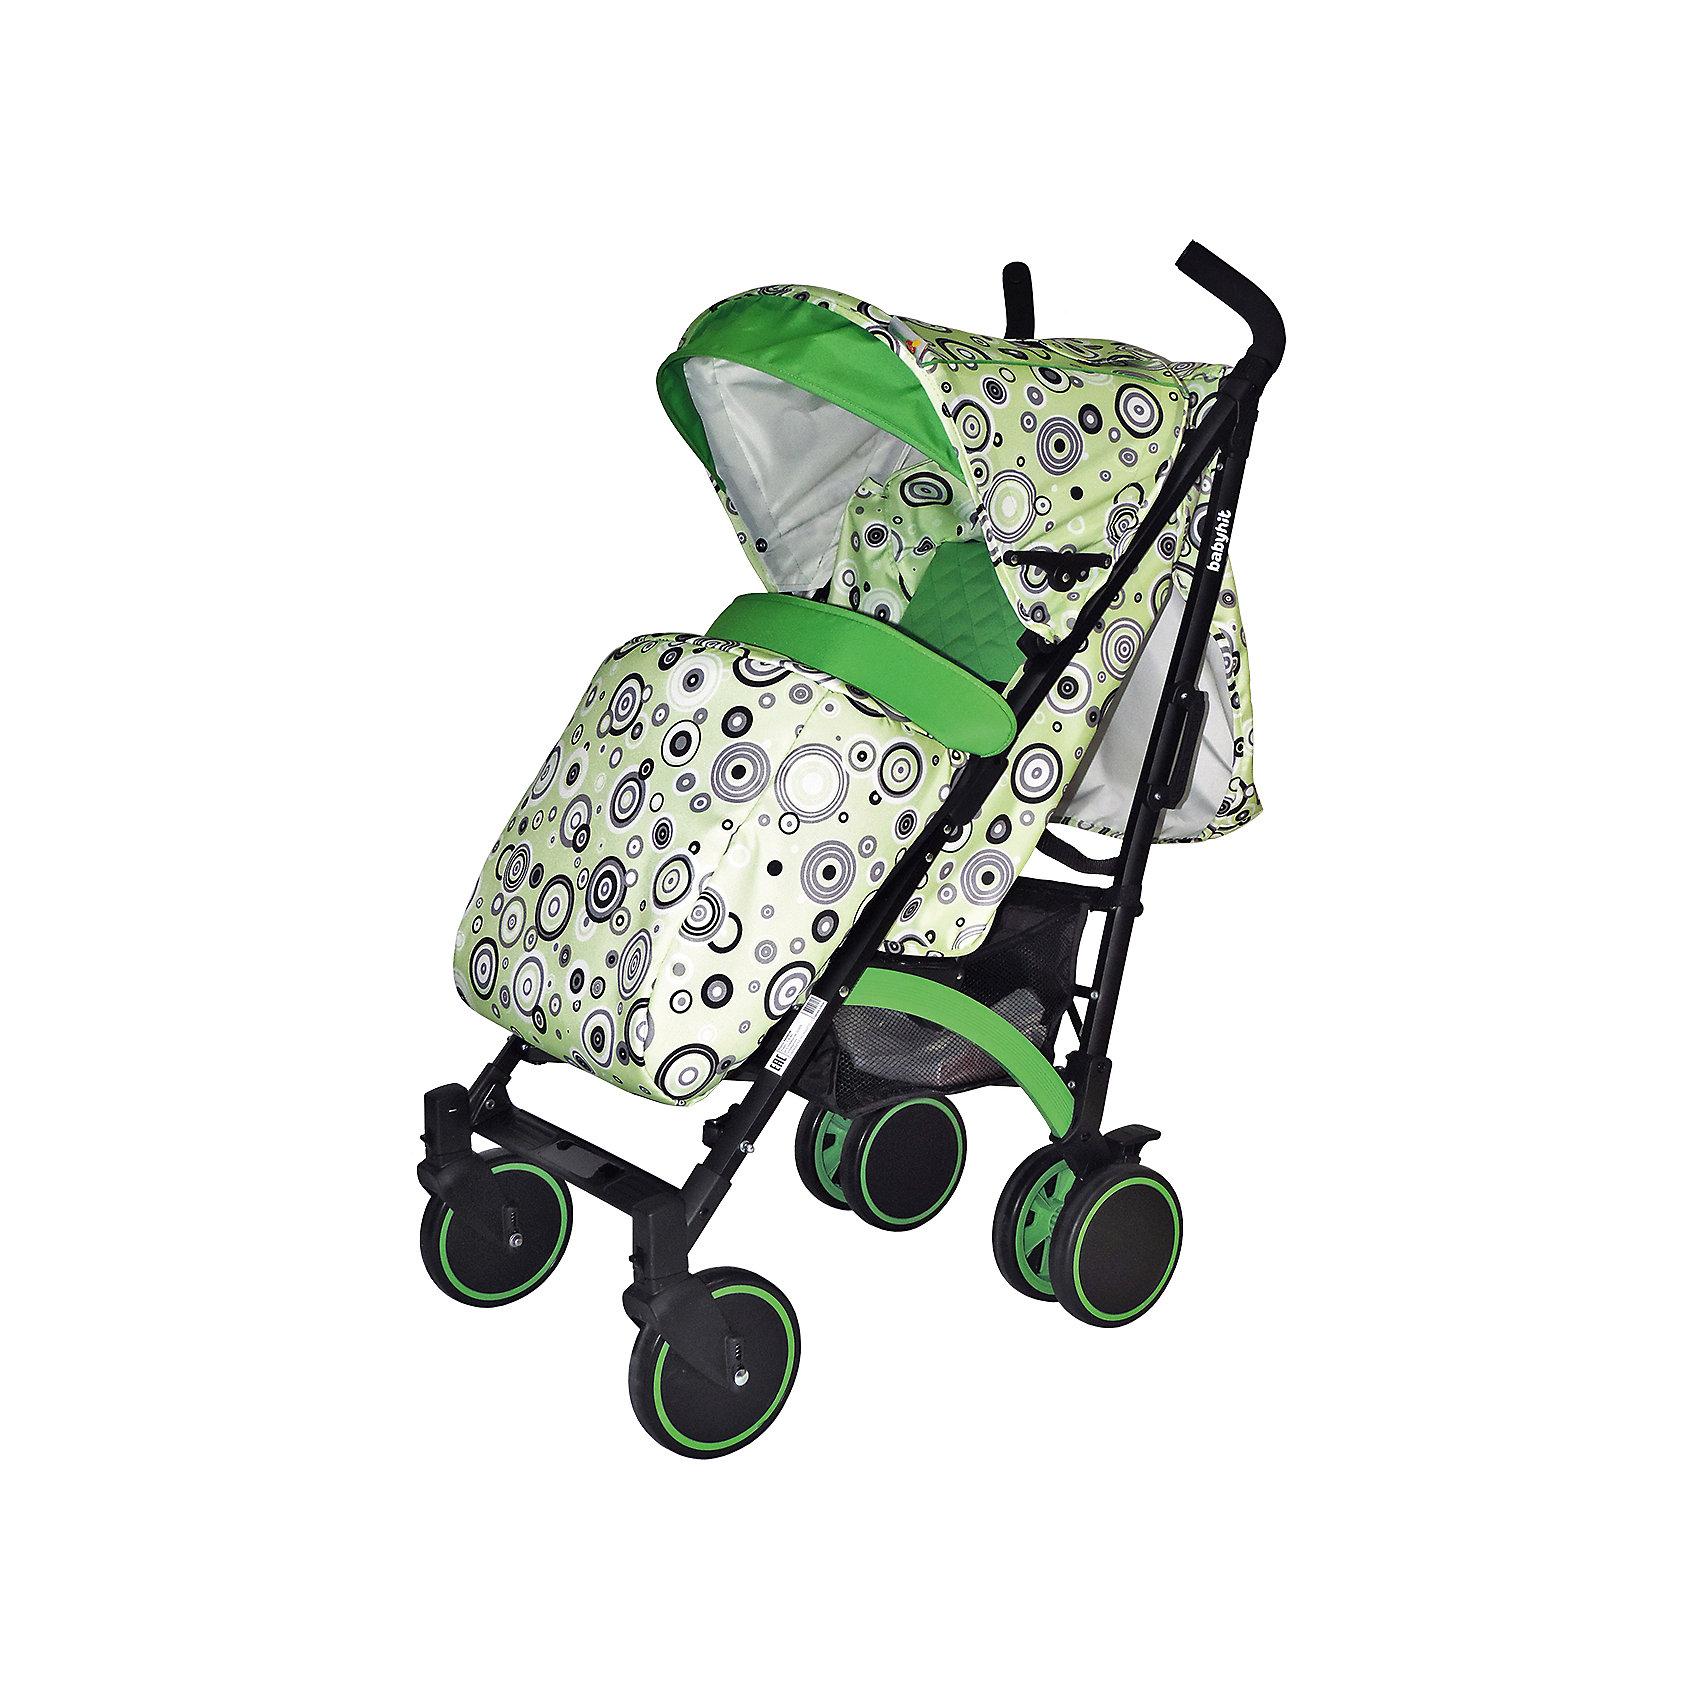 Коляска-трость BabyHit Rainbow, зеленыйКоляски-трости<br>Дополнительная информация:<br><br>Спинка сиденья регулируется в 3-х положениях для комфортного отдыха ребенка.<br>5-ти точечные ремни безопасности с мягкими плечевыми накладками и паховый ремень надежно удержат малыша на прогулке.<br>Бампер предназначен для дополнительной безопасности, снимается при необходимости.<br>Подножка регулируемая.<br>Капюшон-батискаф опускается до бампера.<br>Передние поворотные колеса с возможностью фиксации в положении прямо.<br>Все колеса амортизированы.<br>В сложенном виде коляску легко переносить с помощью удобной ручки.<br>Коляска автоматически блокируется при складывании.<br>Корзинка для покупок расположена в нижней части коляски.<br>Размеры коляски в разложенном виде: 85/43/108 см.<br>Ширина сиденья: 35 см.<br>Высота спинки: 47 см.<br>Глубина сиденья: 25 см.<br>Длина подножки: 13 см.<br>Размер спального места при поднятой подножке - 85 х 35 см.  <br>Диаметр колес: 18 см.<br>Вес коляски - 7,4 кг.<br>В комплекте:<br>Чехол для ножек. <br>Дождевик.<br>Москитная сетка.<br>Корзинка для покупок.<br>Сумка<br><br>Коляску-трость Rainbow, Baby Hit, зеленую можно купить в нашем магазине.<br><br>Ширина мм: 260<br>Глубина мм: 250<br>Высота мм: 900<br>Вес г: 8700<br>Возраст от месяцев: 6<br>Возраст до месяцев: 36<br>Пол: Унисекс<br>Возраст: Детский<br>SKU: 4726620